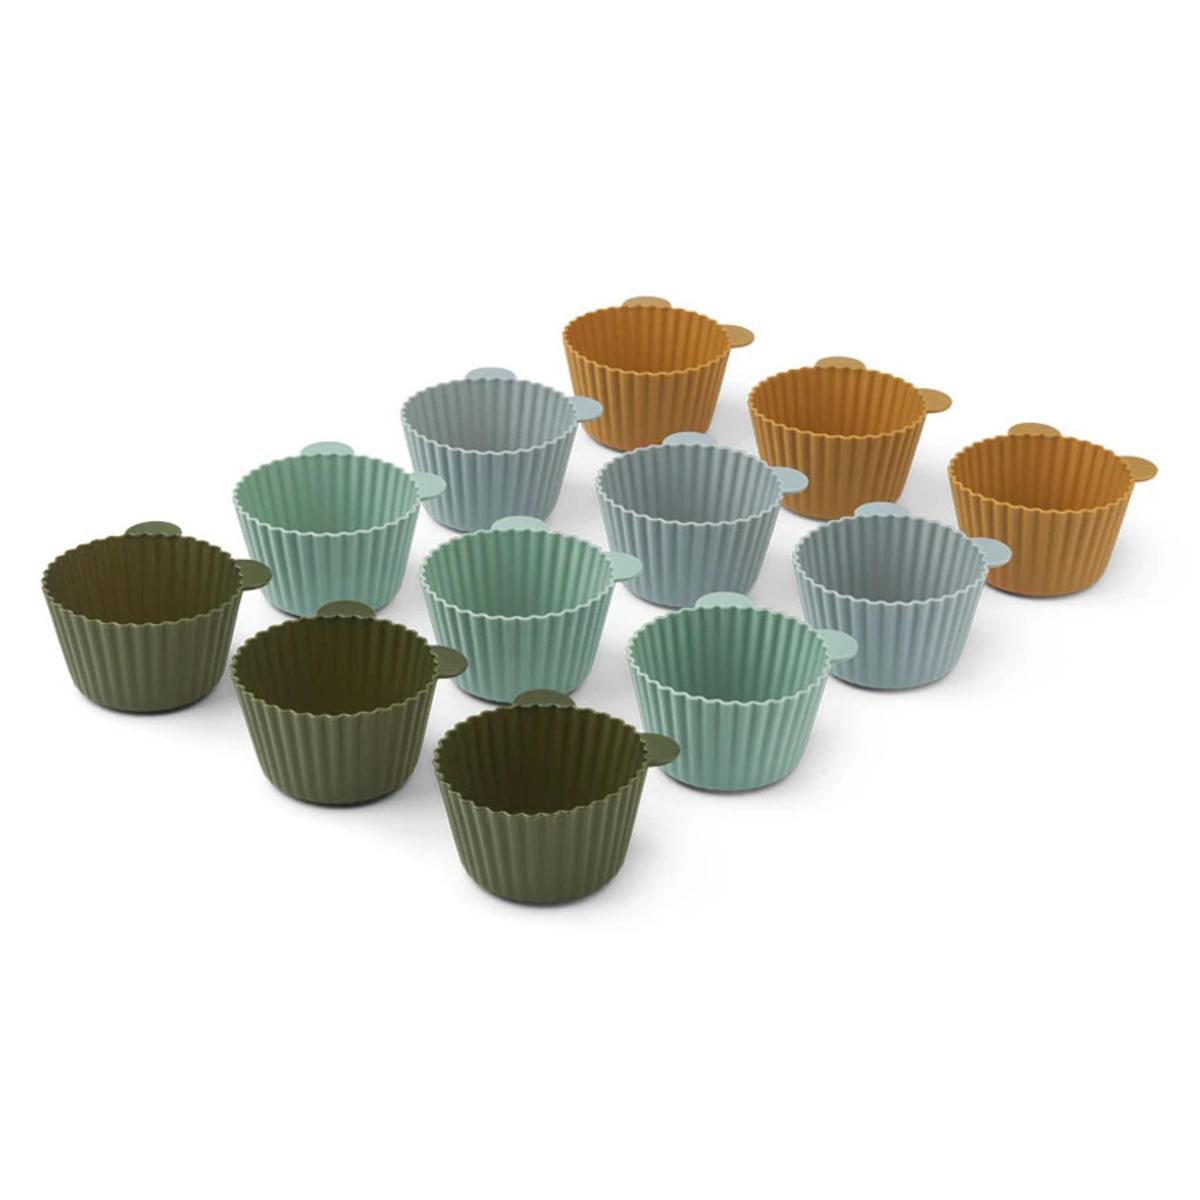 Vaisselle & Couvert Lot de 12 Moules à Cupcakes Jerry - Green Multi Mix Lot de 12 Moules à Cupcakes Jerry - Green Multi Mix